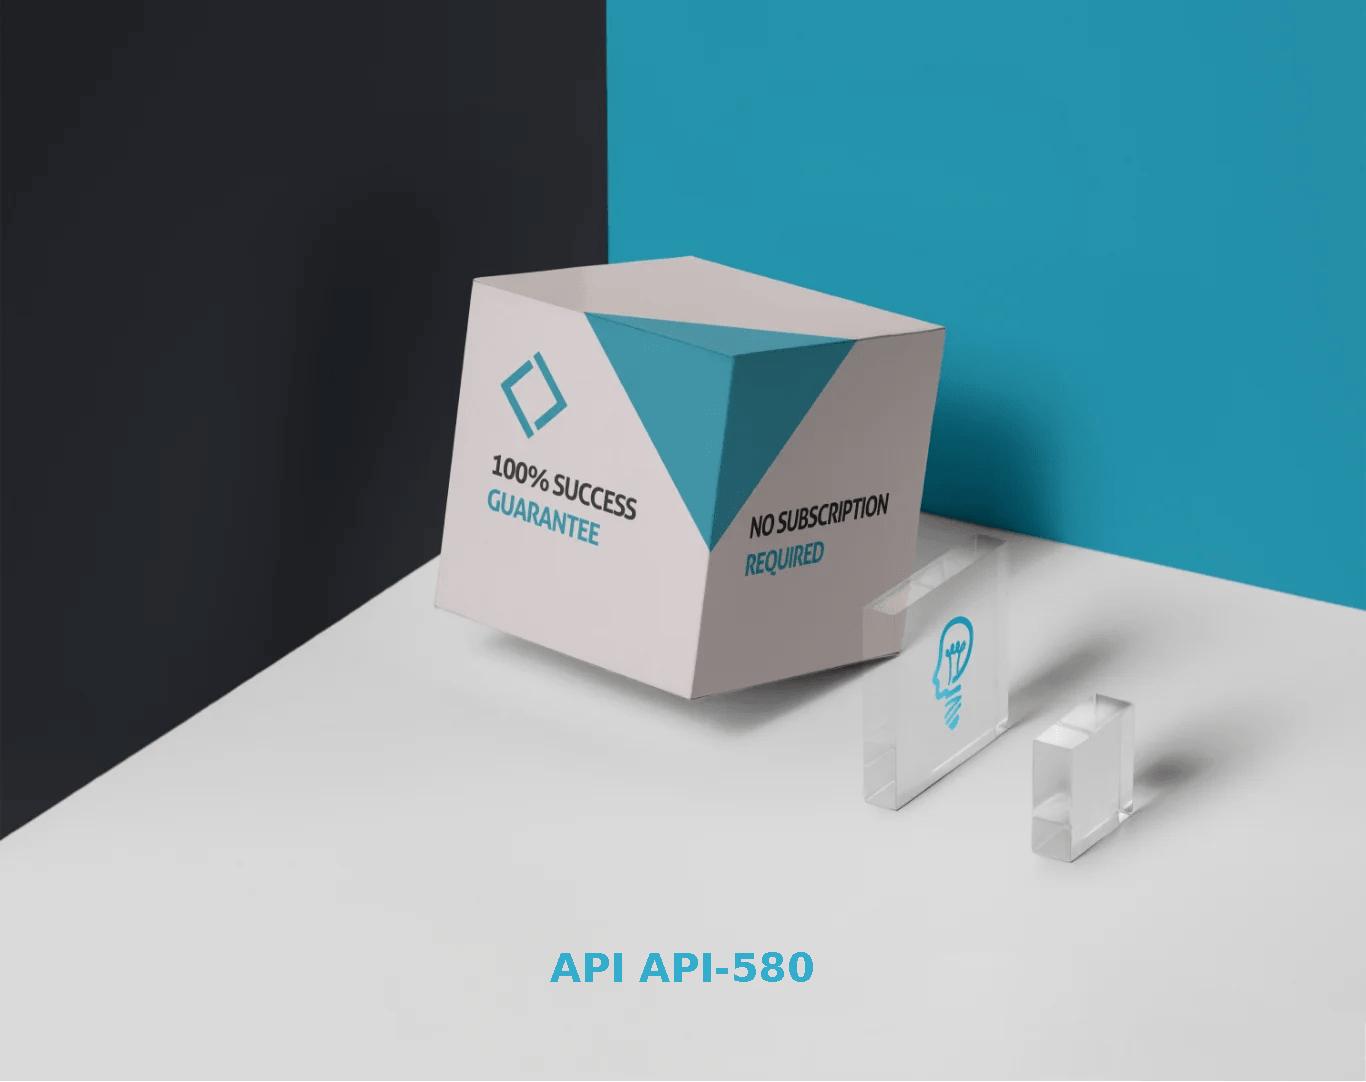 API API-580 Exams